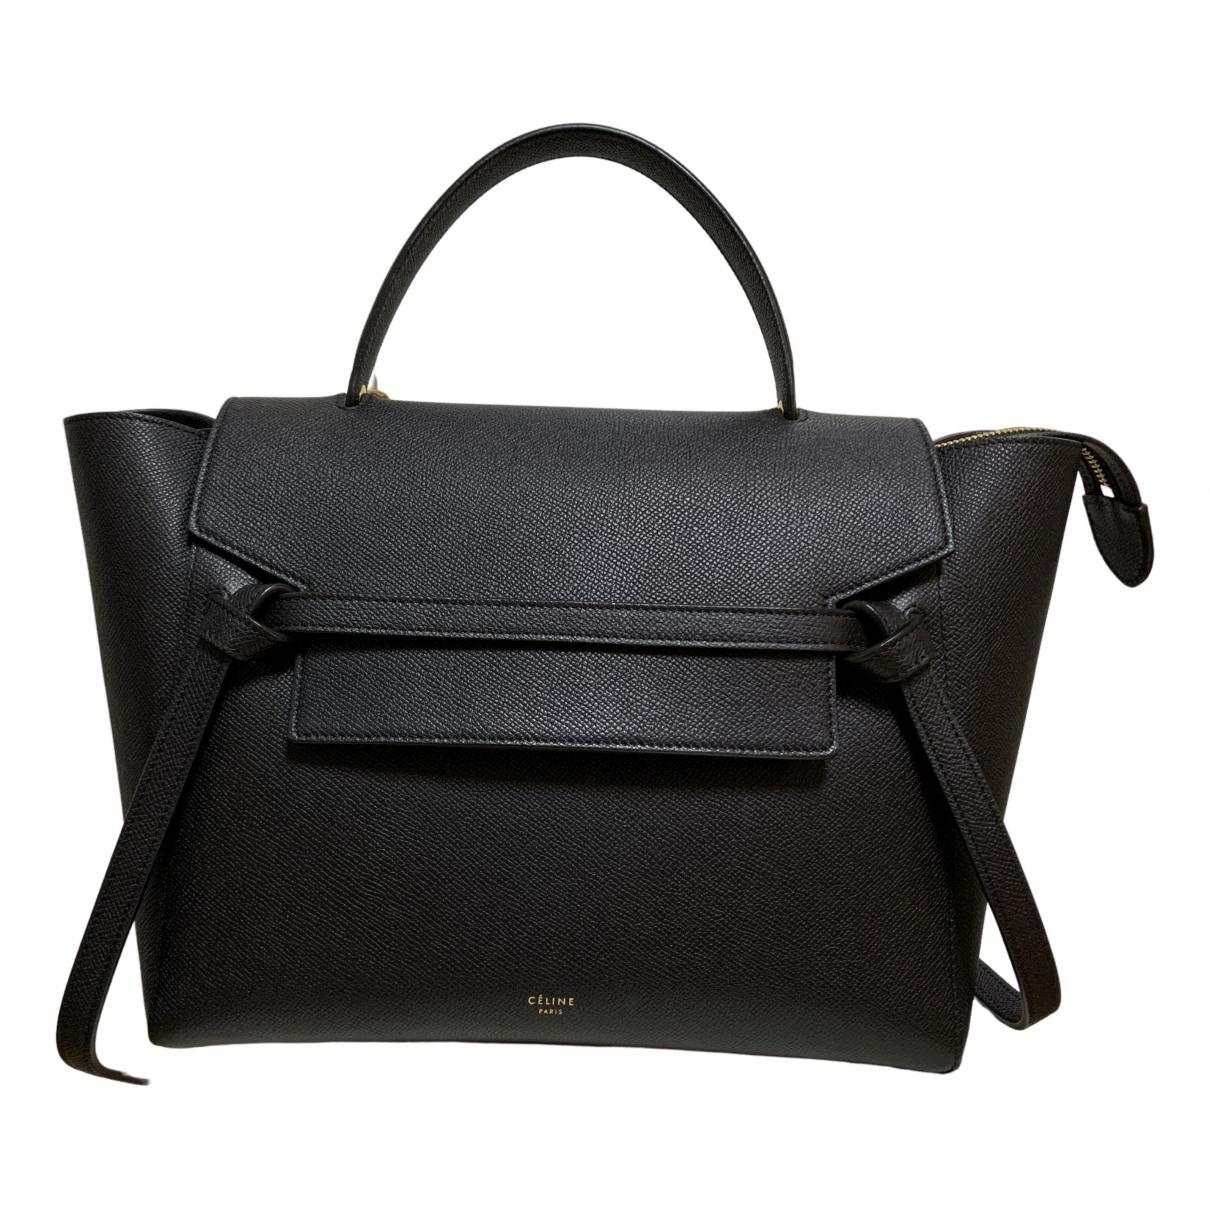 Celine Belt Black Leather handbag for Women \N